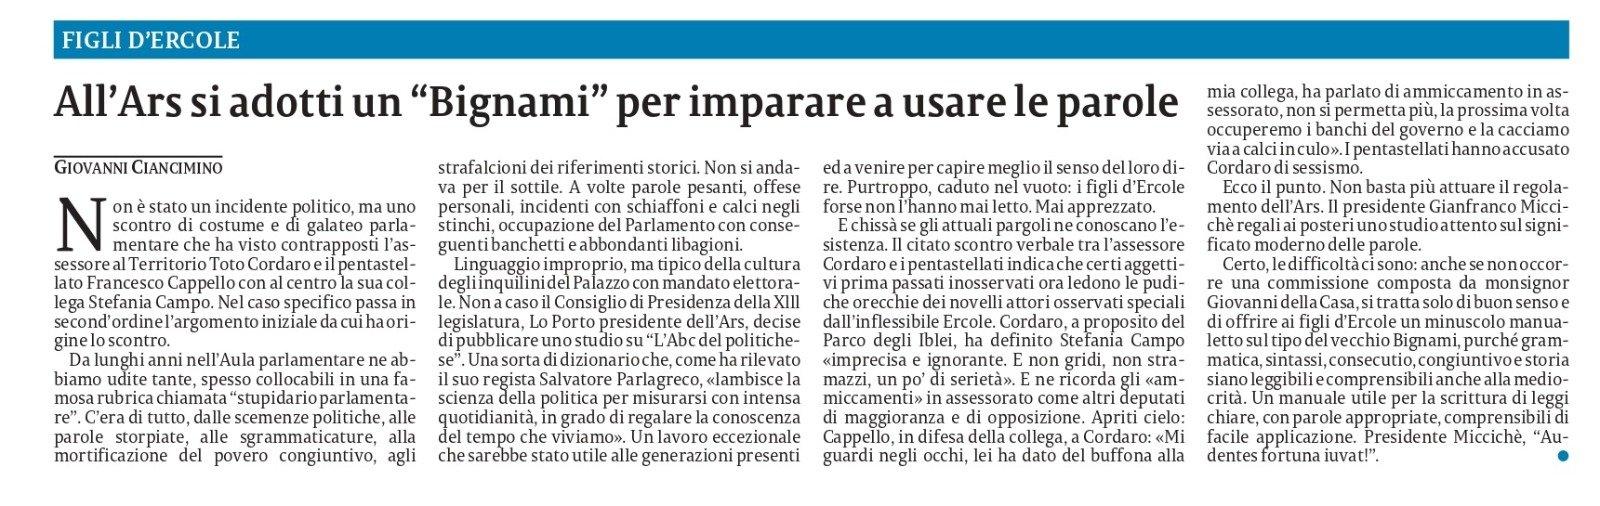 L'assessore Cordaro utilizza offese sessiste nei miei confronti come alibi per il suo immobilismo – ed. regionale La Sicilia